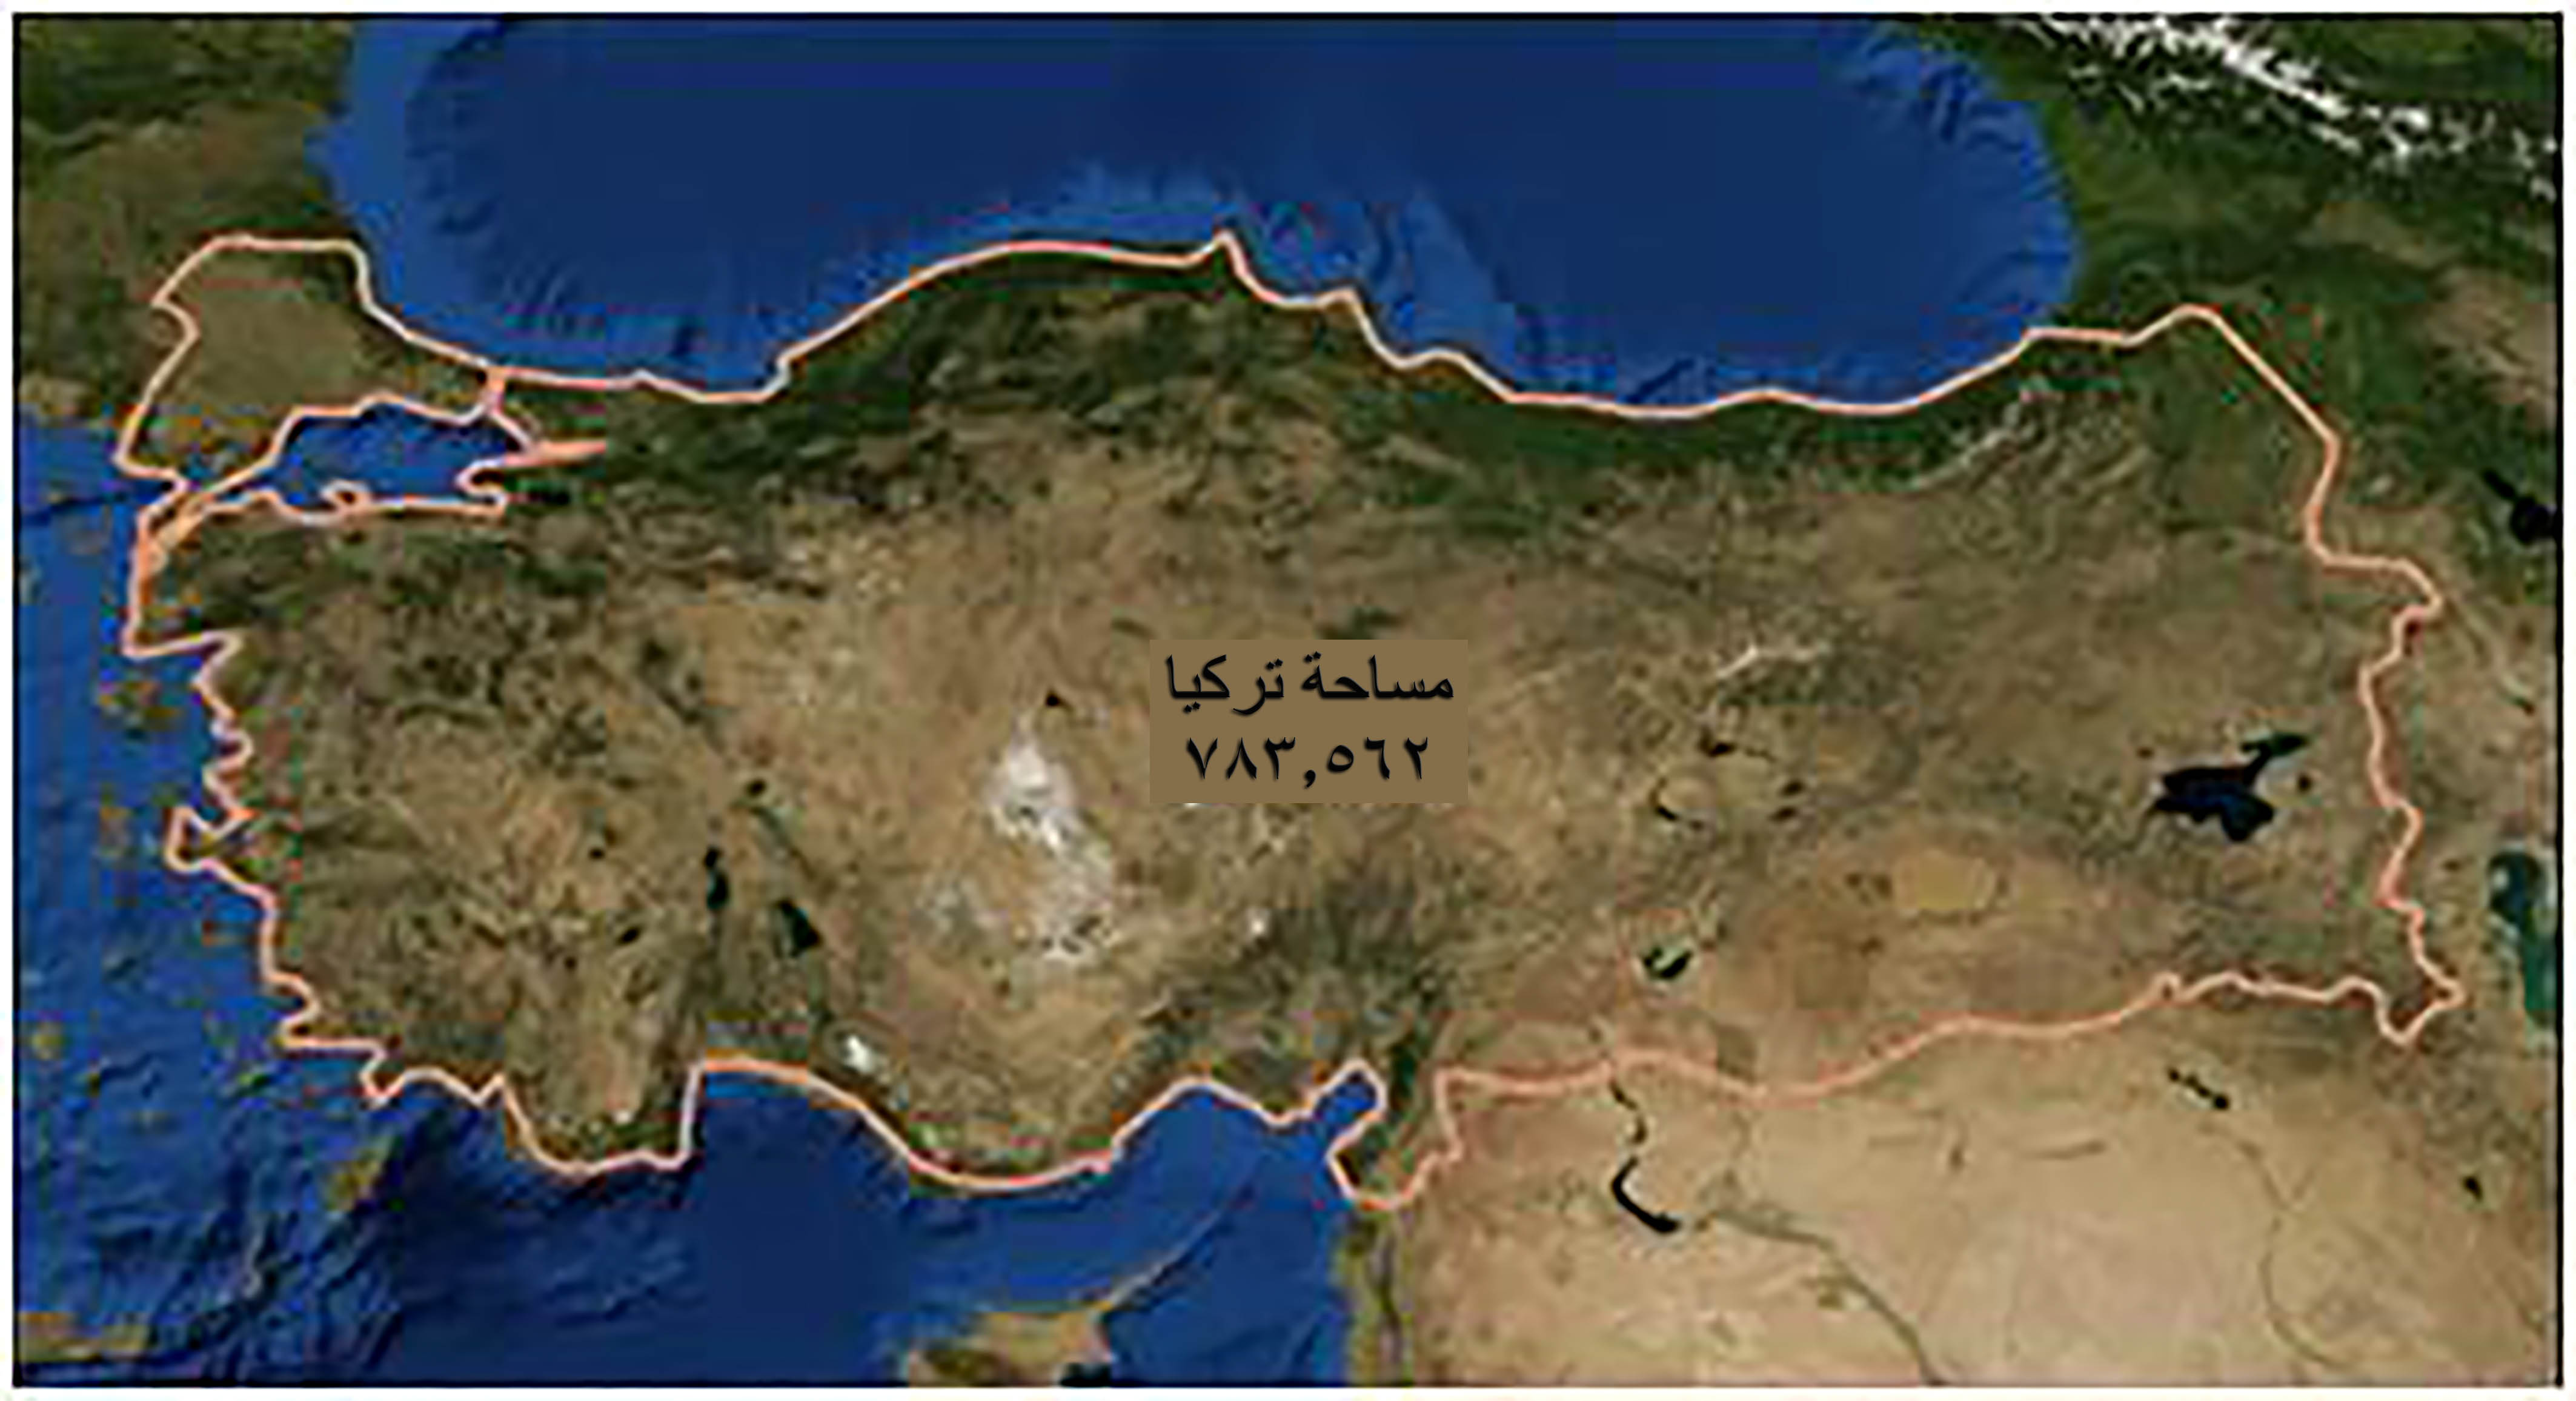 حقائق عن تركيا تاريخ تركيا مساحة تركيا وعدد سكانها اقتصاد تركيا اللغة والثقافة التركية